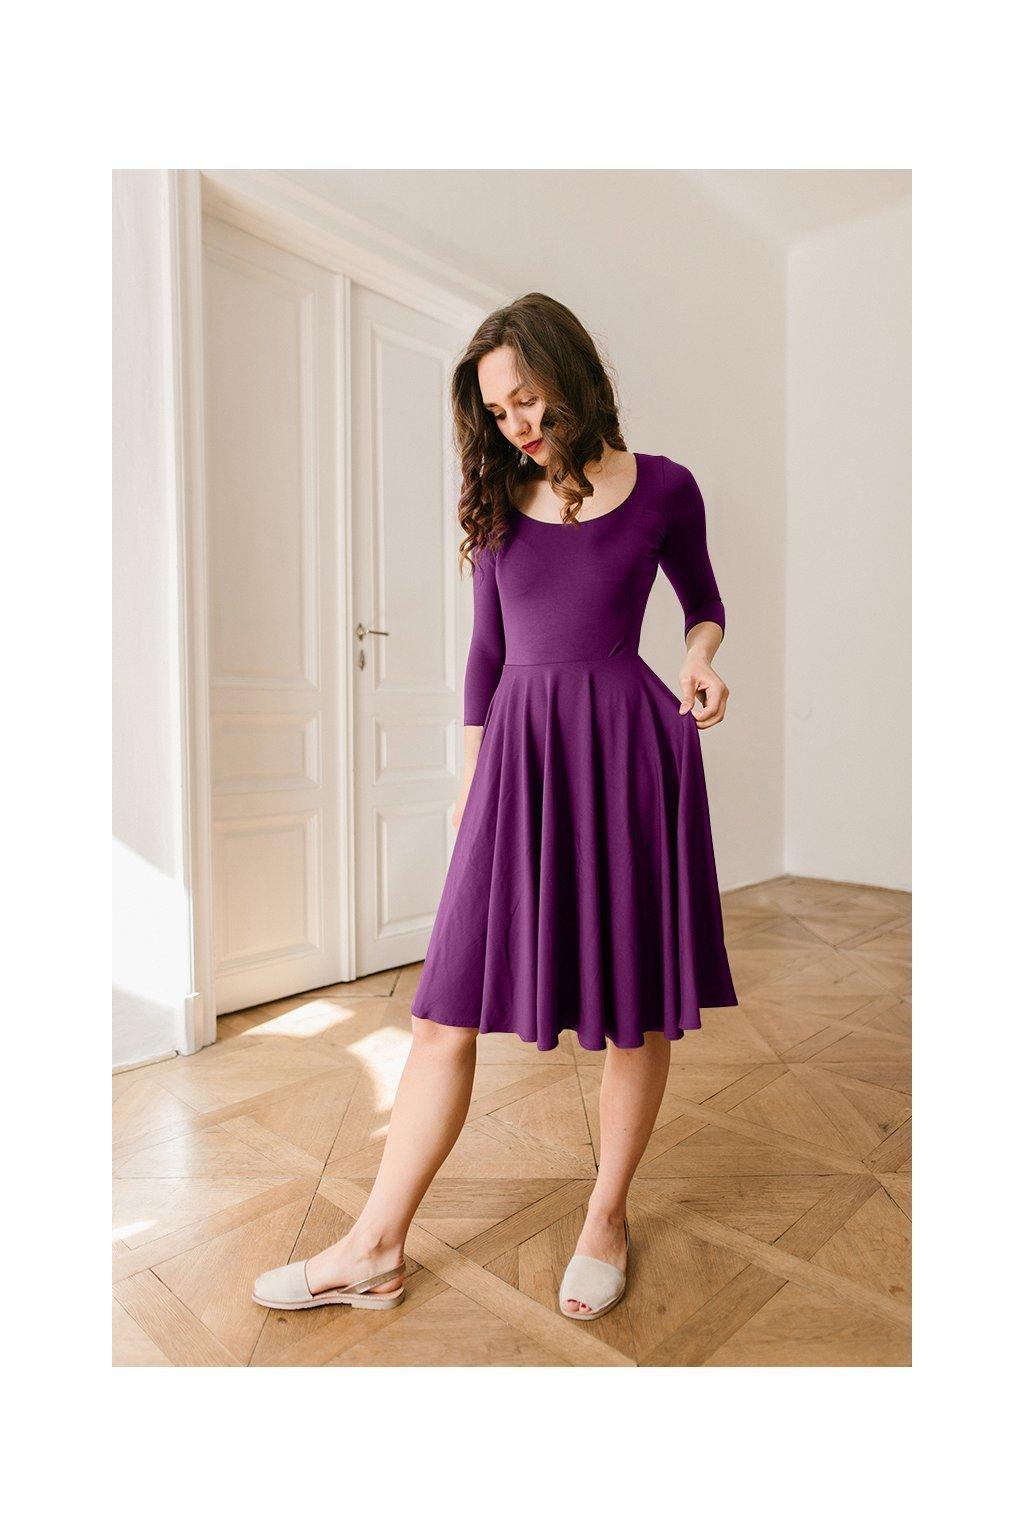 Šaty Osudová Marta s 3/4 rukávem, vyšší gramáž, švestkově fialová